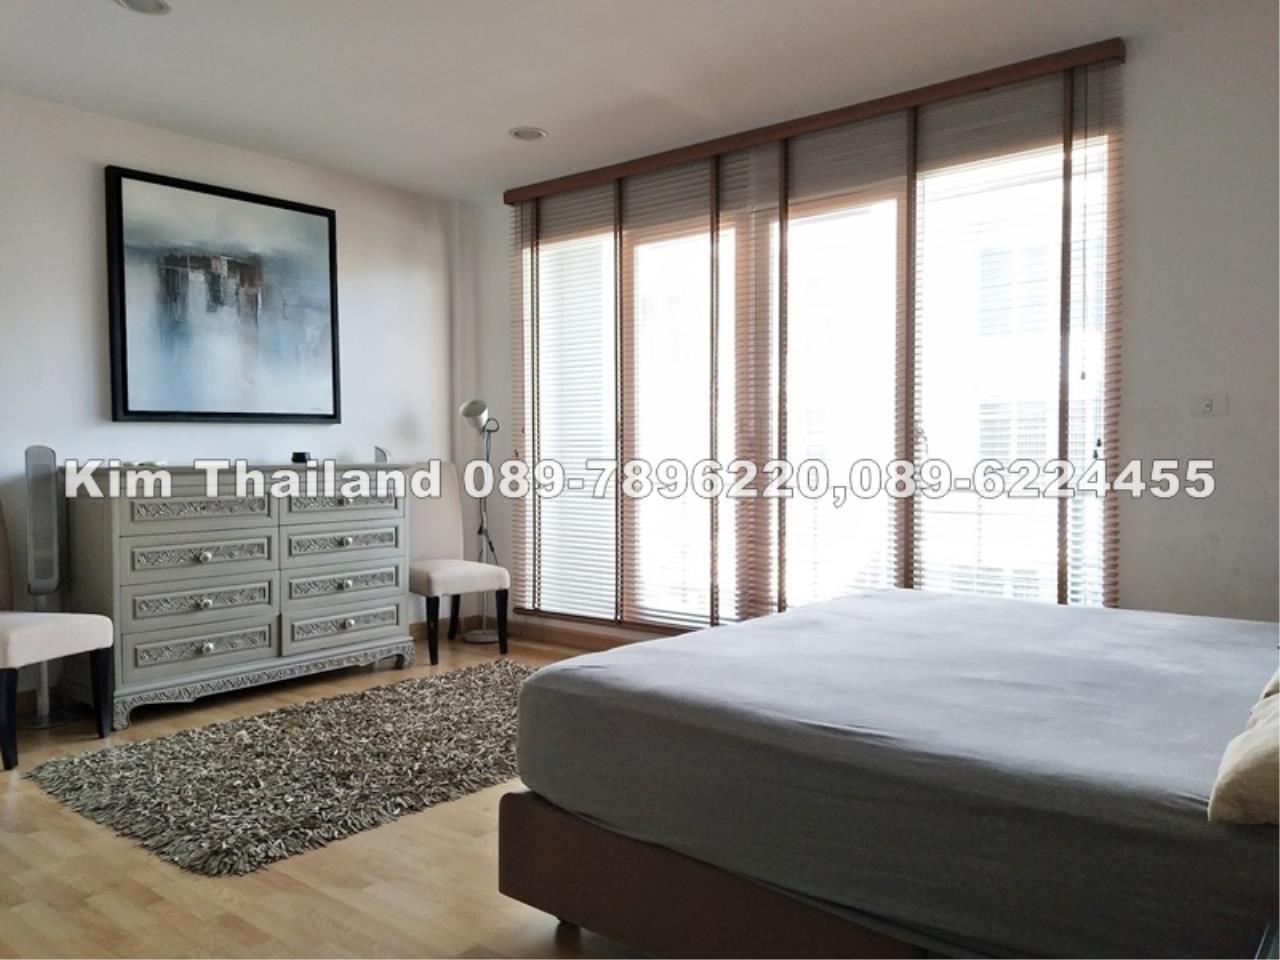 ขายทาวน์โฮม 3 ชั้น บ้านกลางเมือง เอส-เซ้นส์ พระรามเก้า-ลาดพร้าว 28 ตรว 3 ห้องนอน ขาย 89 ล้านบาท, ภาพที่ 3